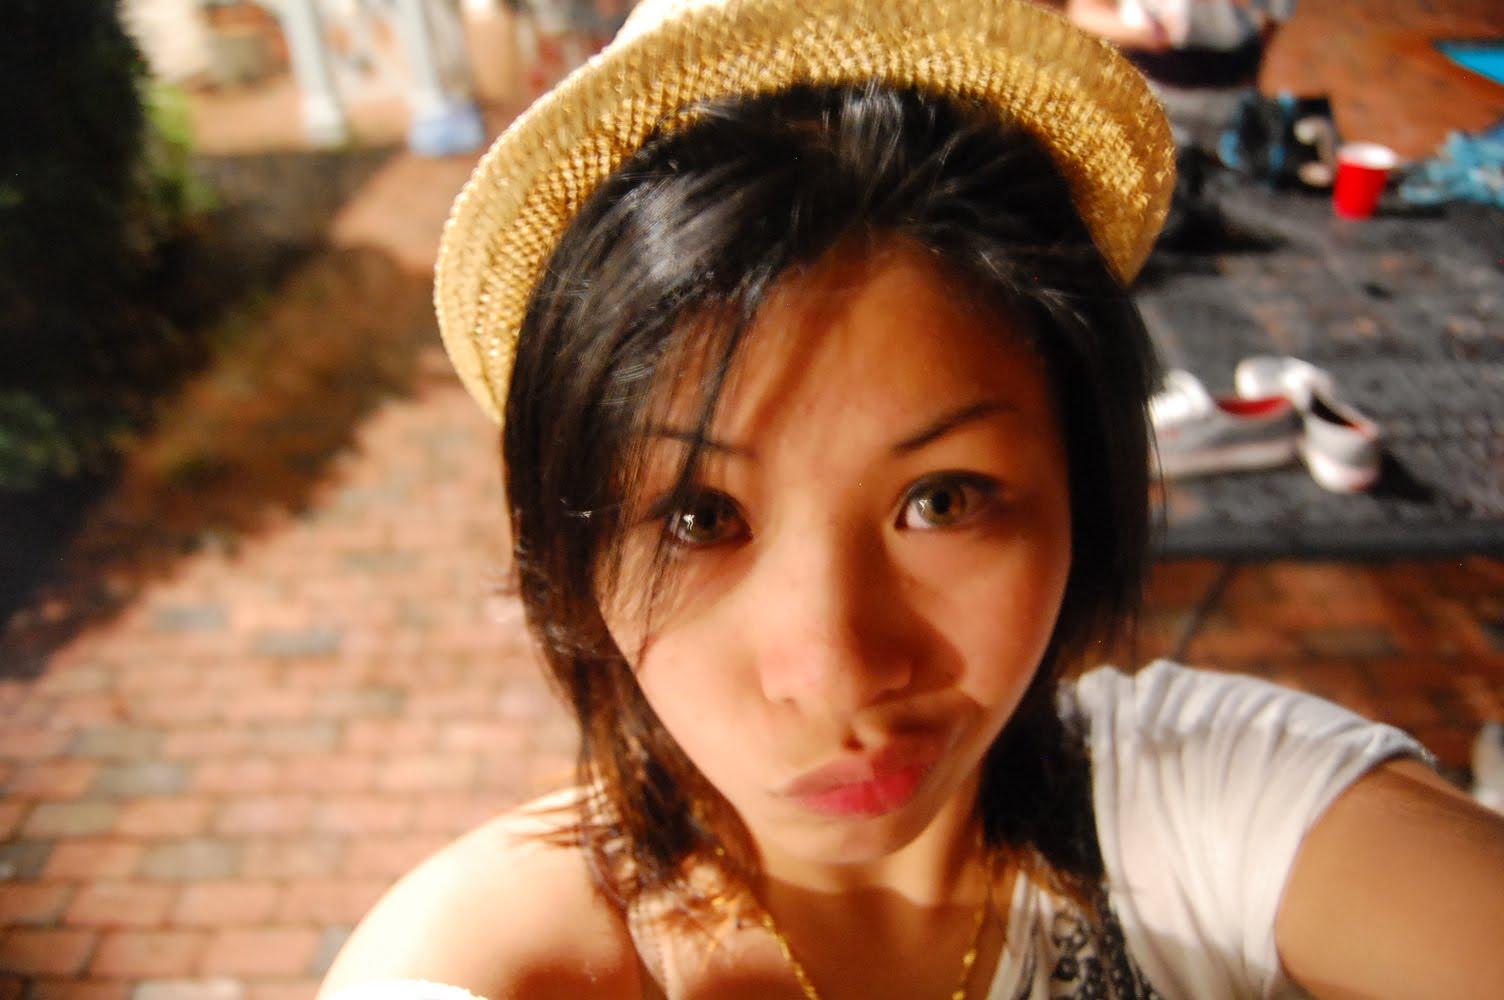 http://2.bp.blogspot.com/_MAZSX6KRiUY/TCpqbK1d_cI/AAAAAAAADOk/b8zjt1RMgbE/s1600/DSC_4115.JPG